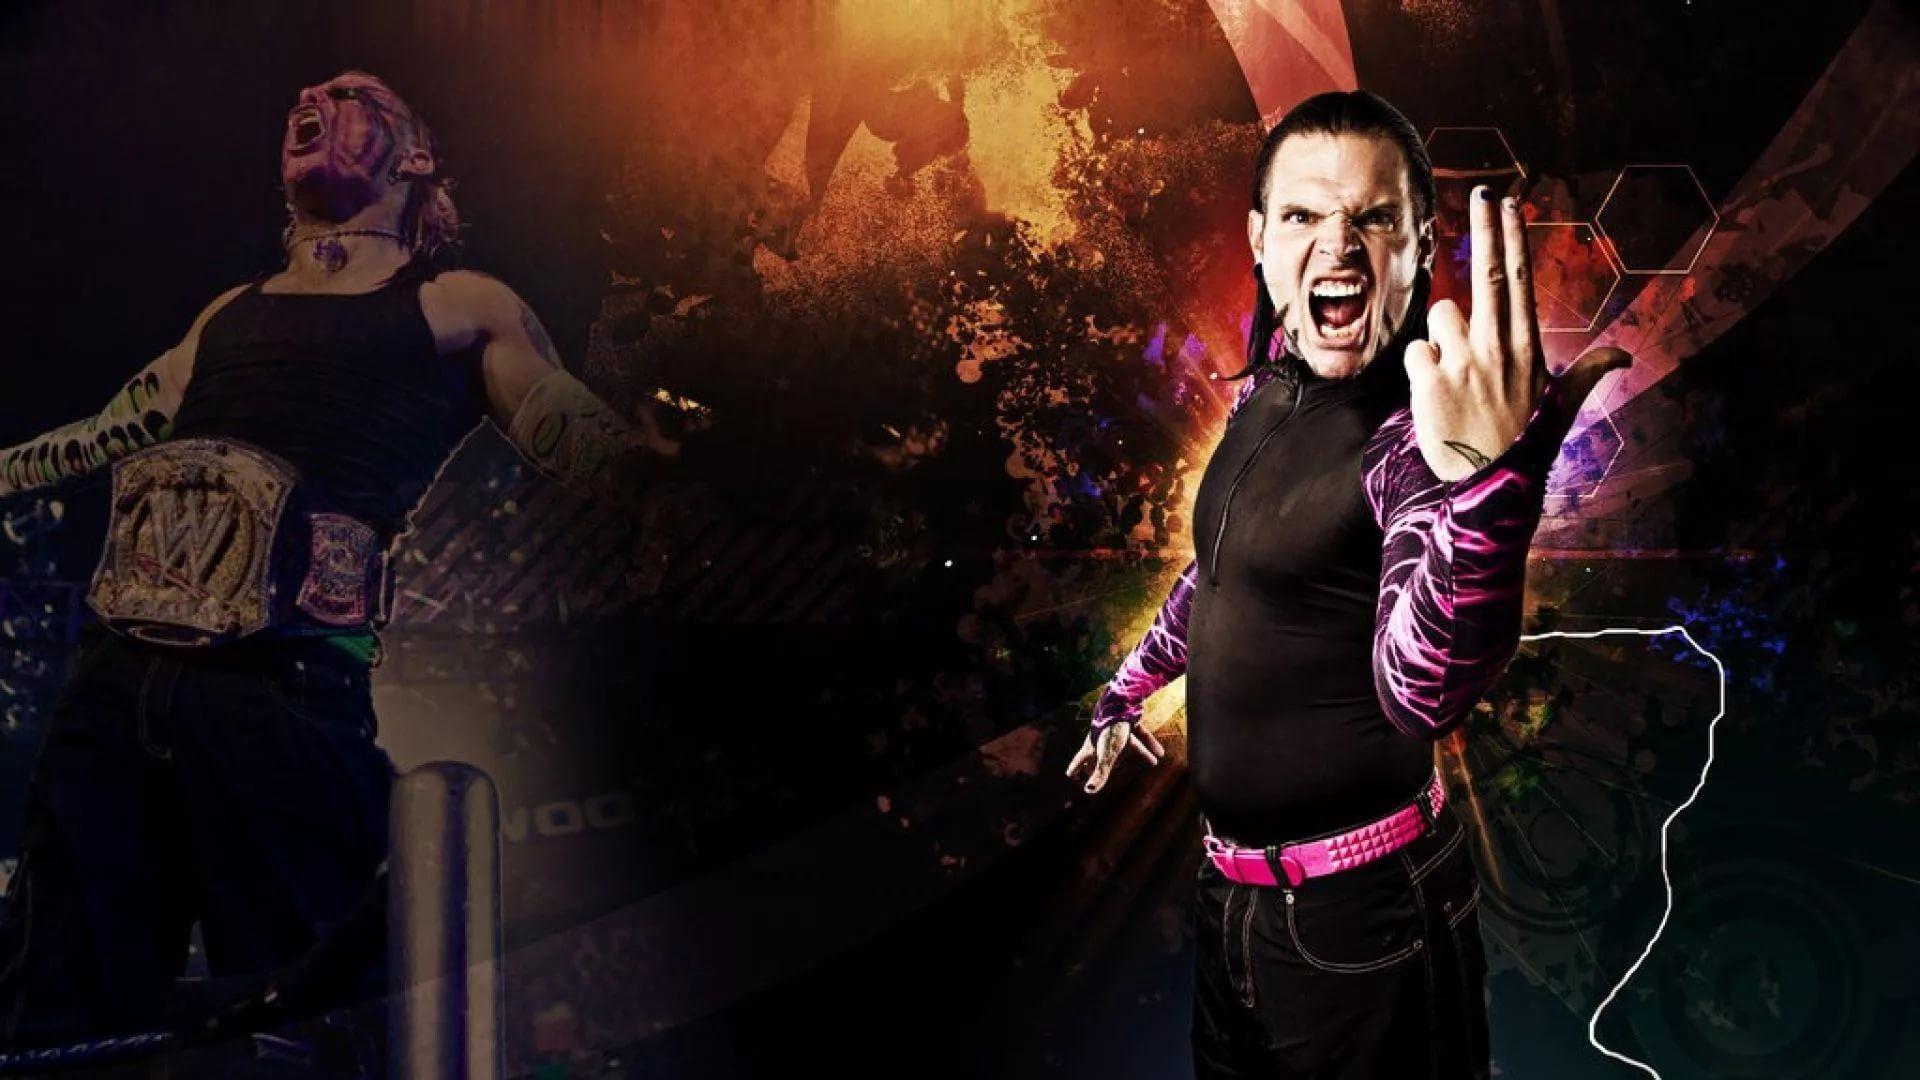 Jeff Hardy wallpaper theme